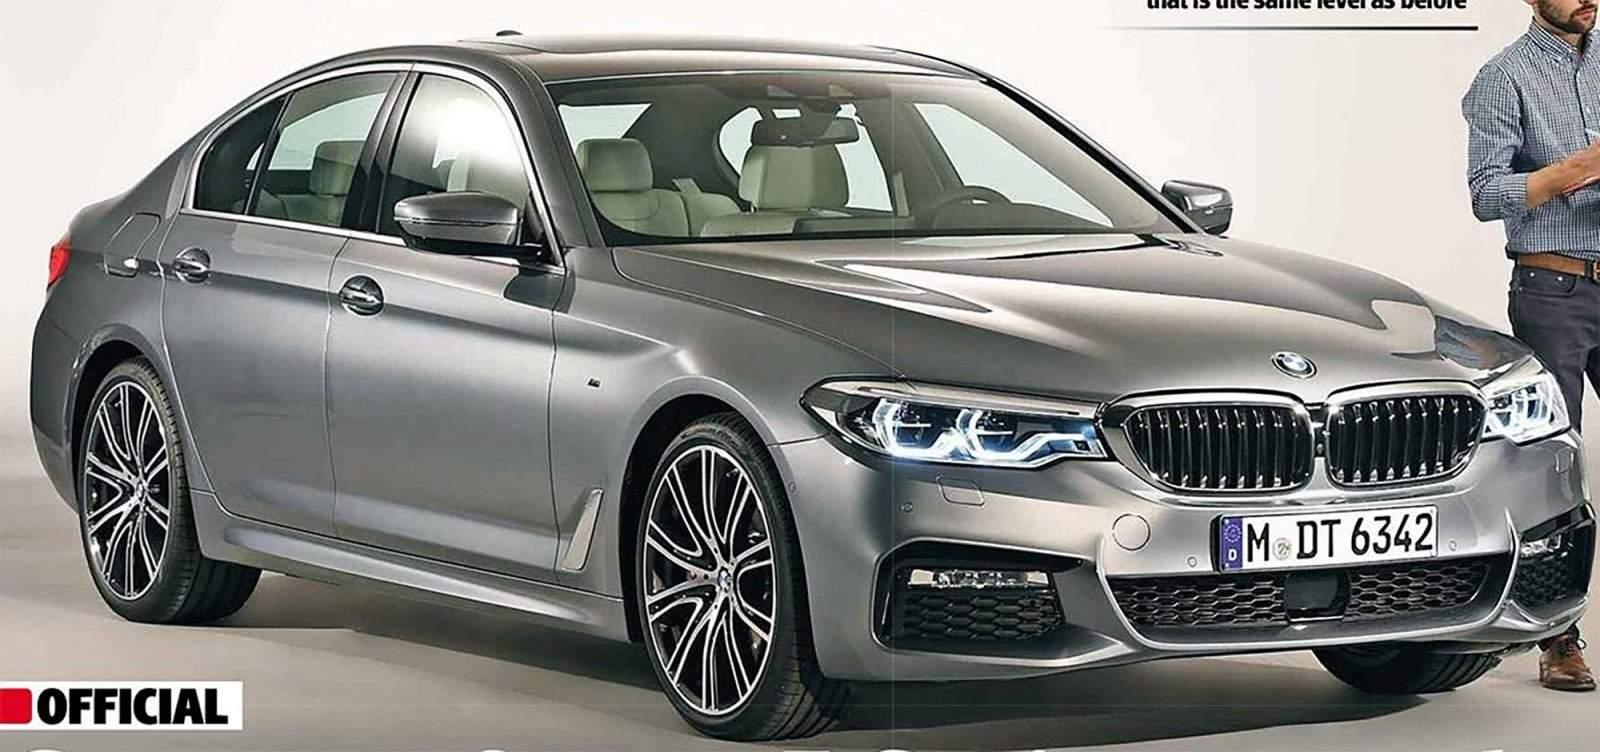 Name:  BMW-5-Series-G30-a.jpg Views: 15601 Size:  134.2 KB